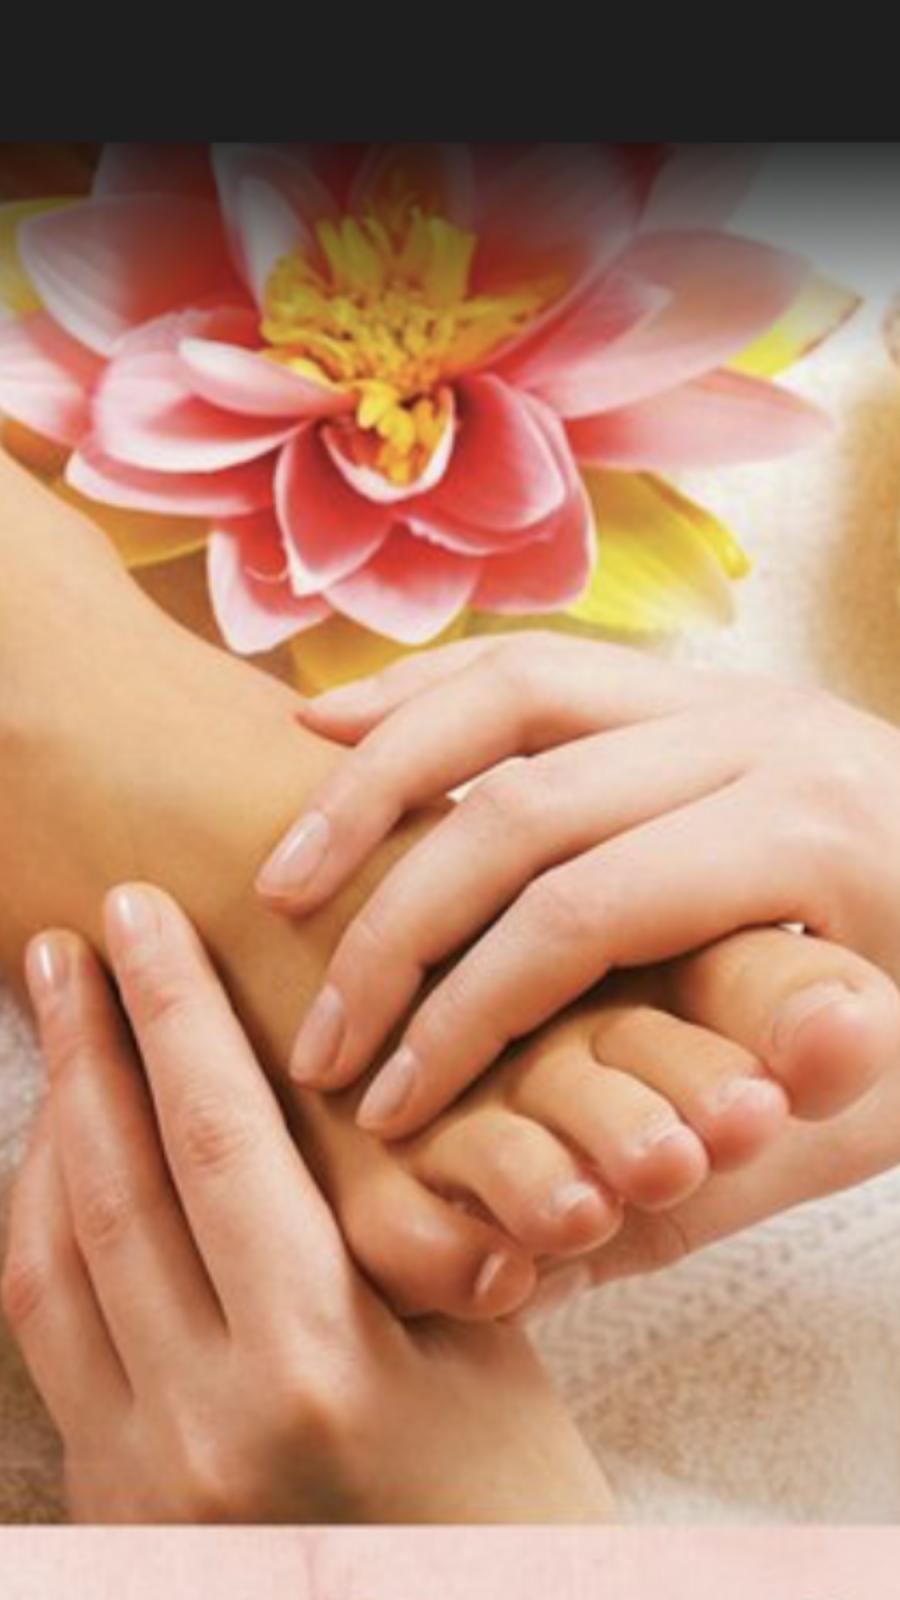 Yans Massage Therapy - spa  | Photo 9 of 10 | Address: 234 Montour Blvd, Bloomsburg, PA 17815, USA | Phone: (570) 238-8088